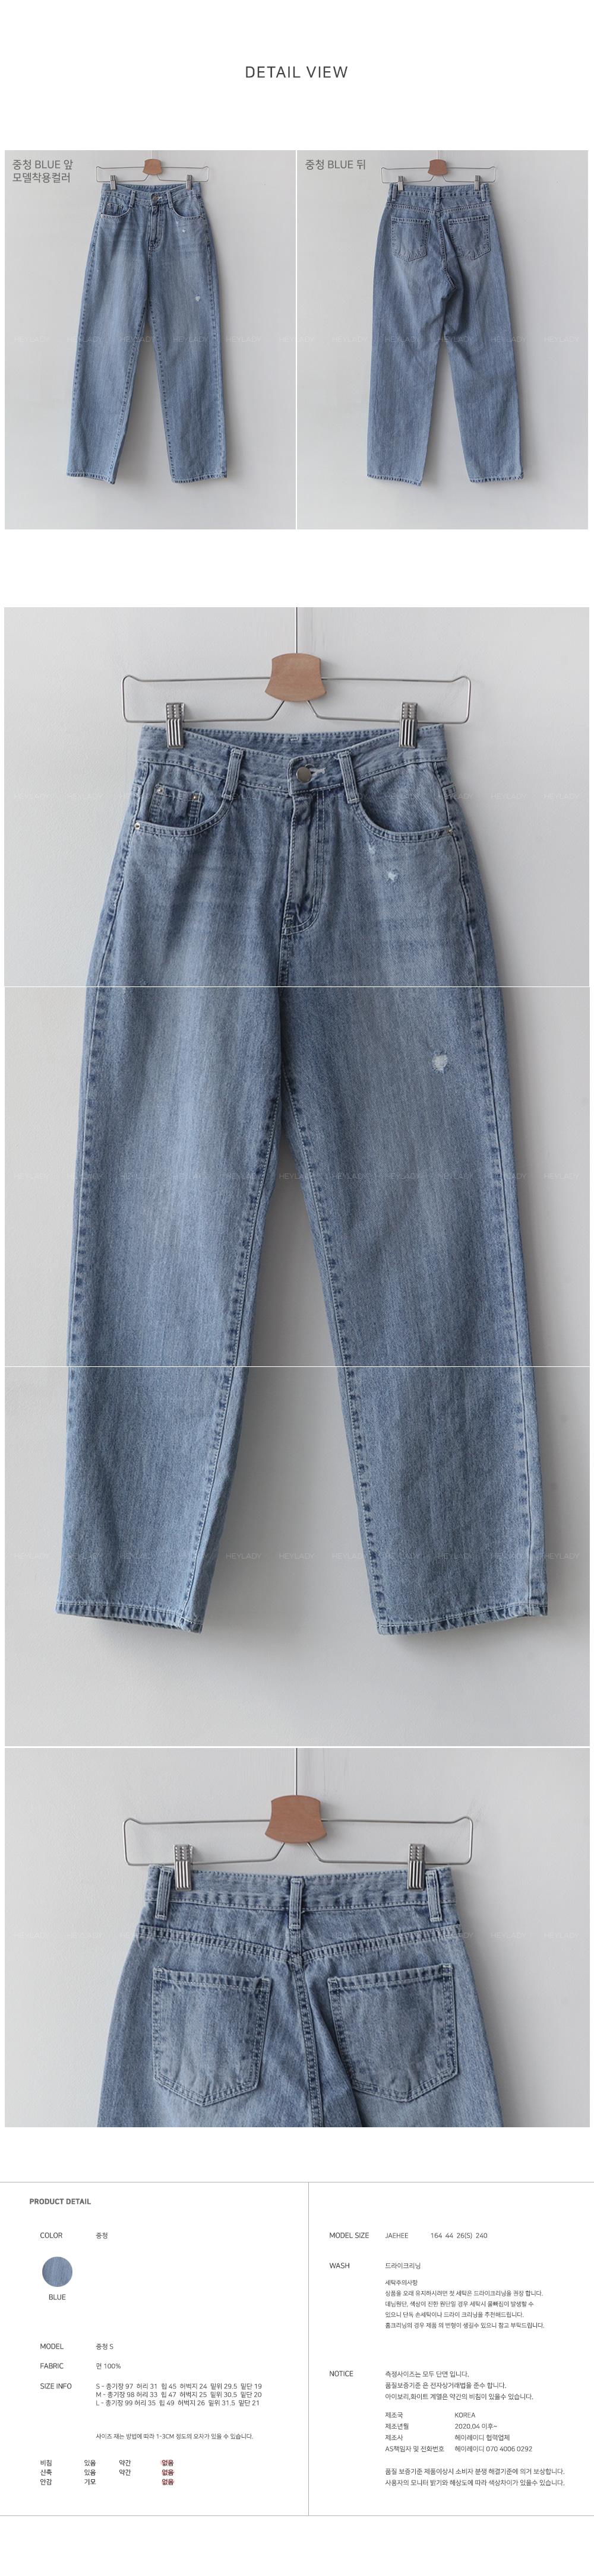 Notched Date Denim Pants